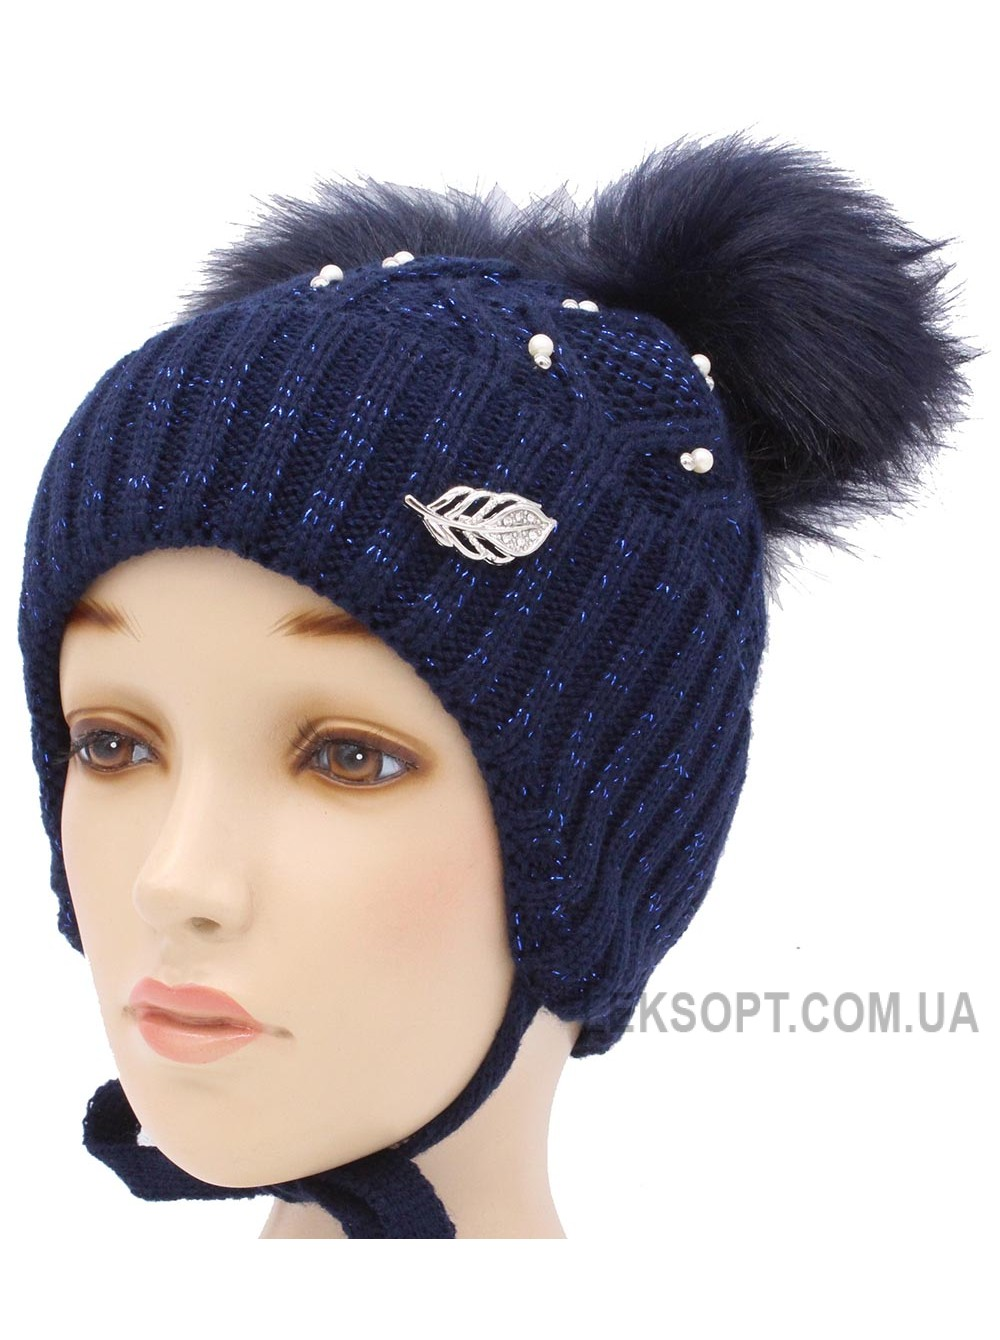 Детская вязаная шапка S95-20-34-54-56